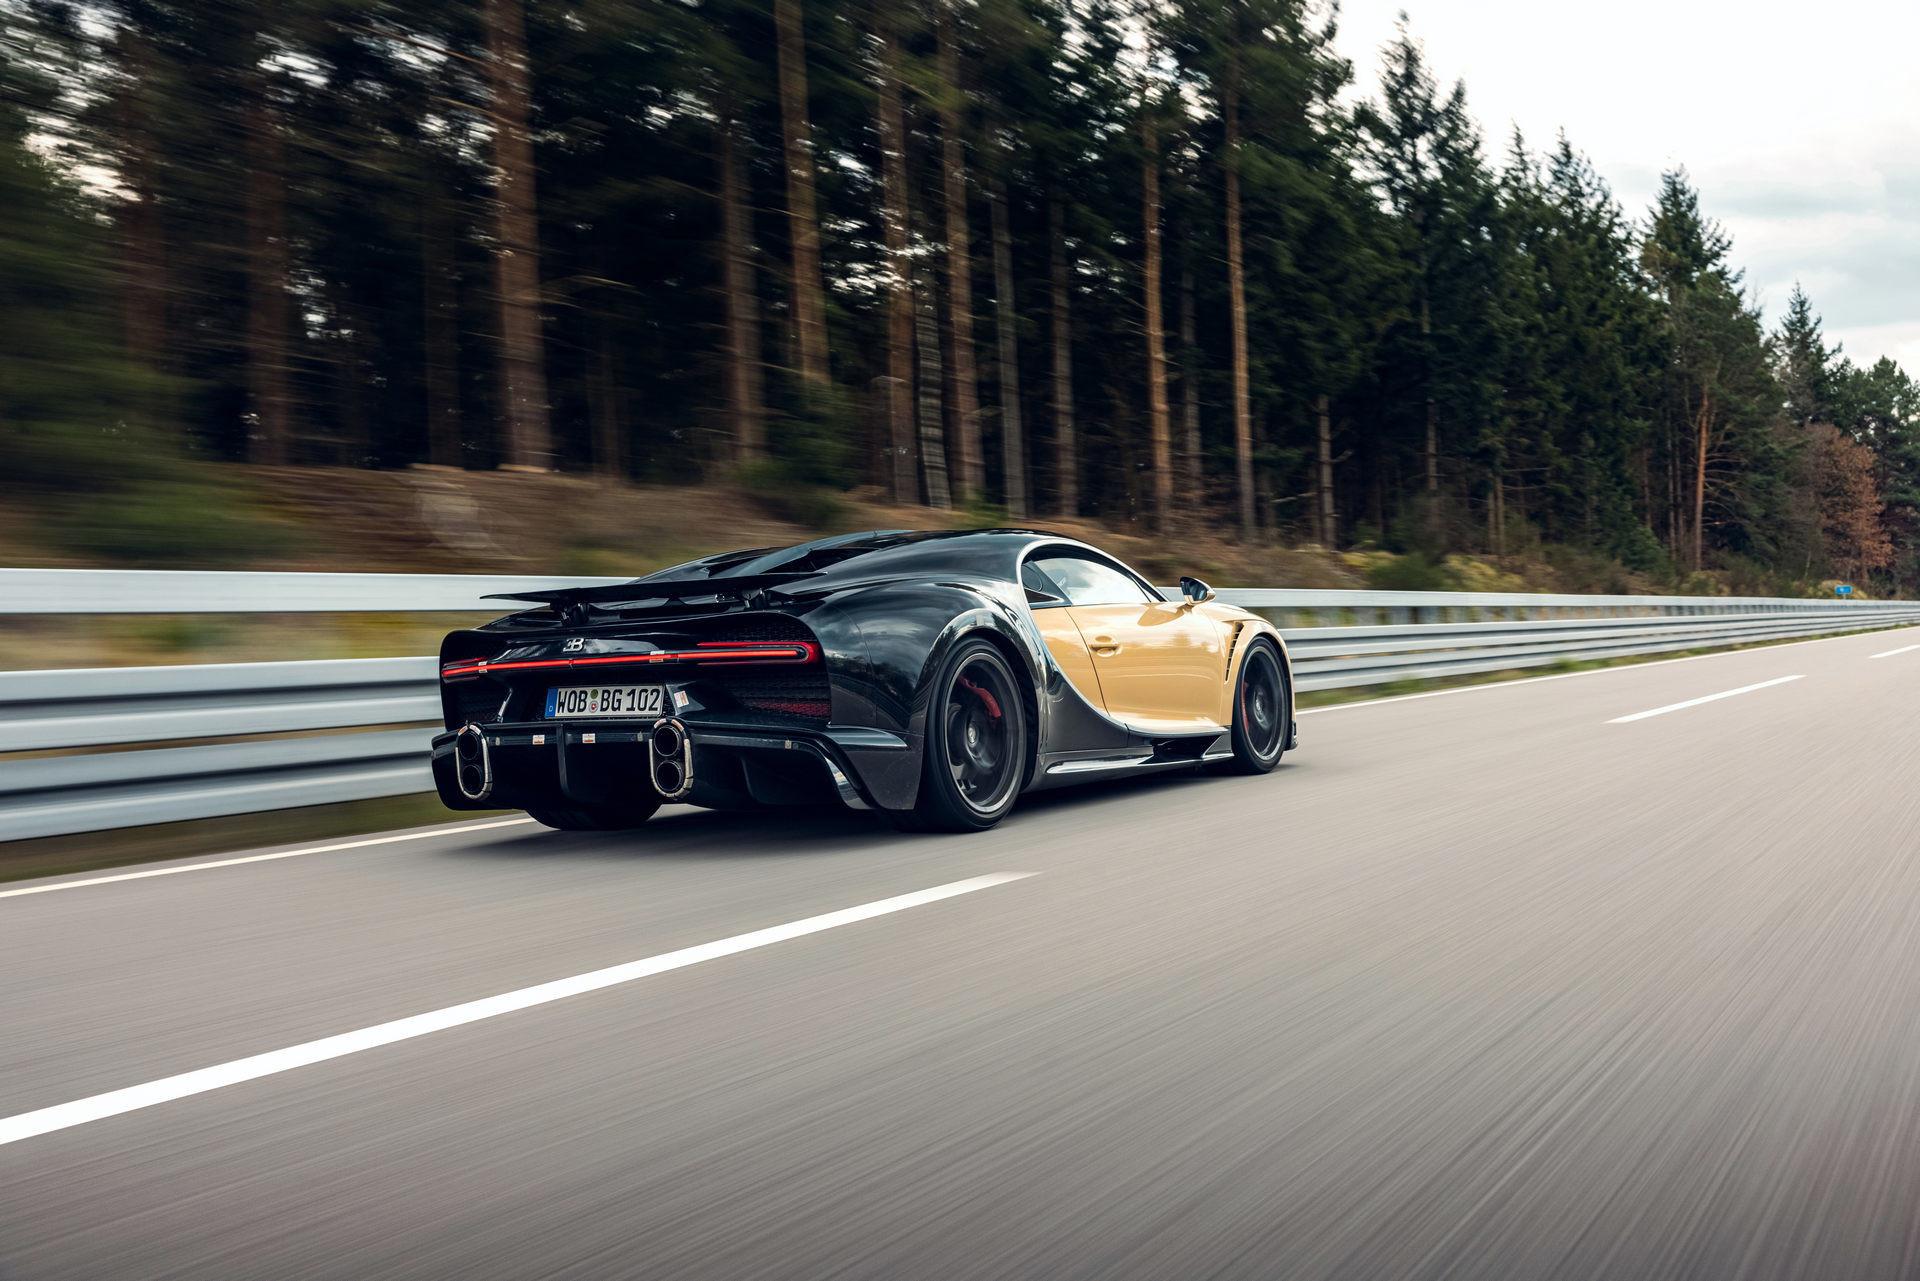 Hé lộ hình ảnh siêu xe Bugatti đang chạy thử với tốc độ 440 km/h-4